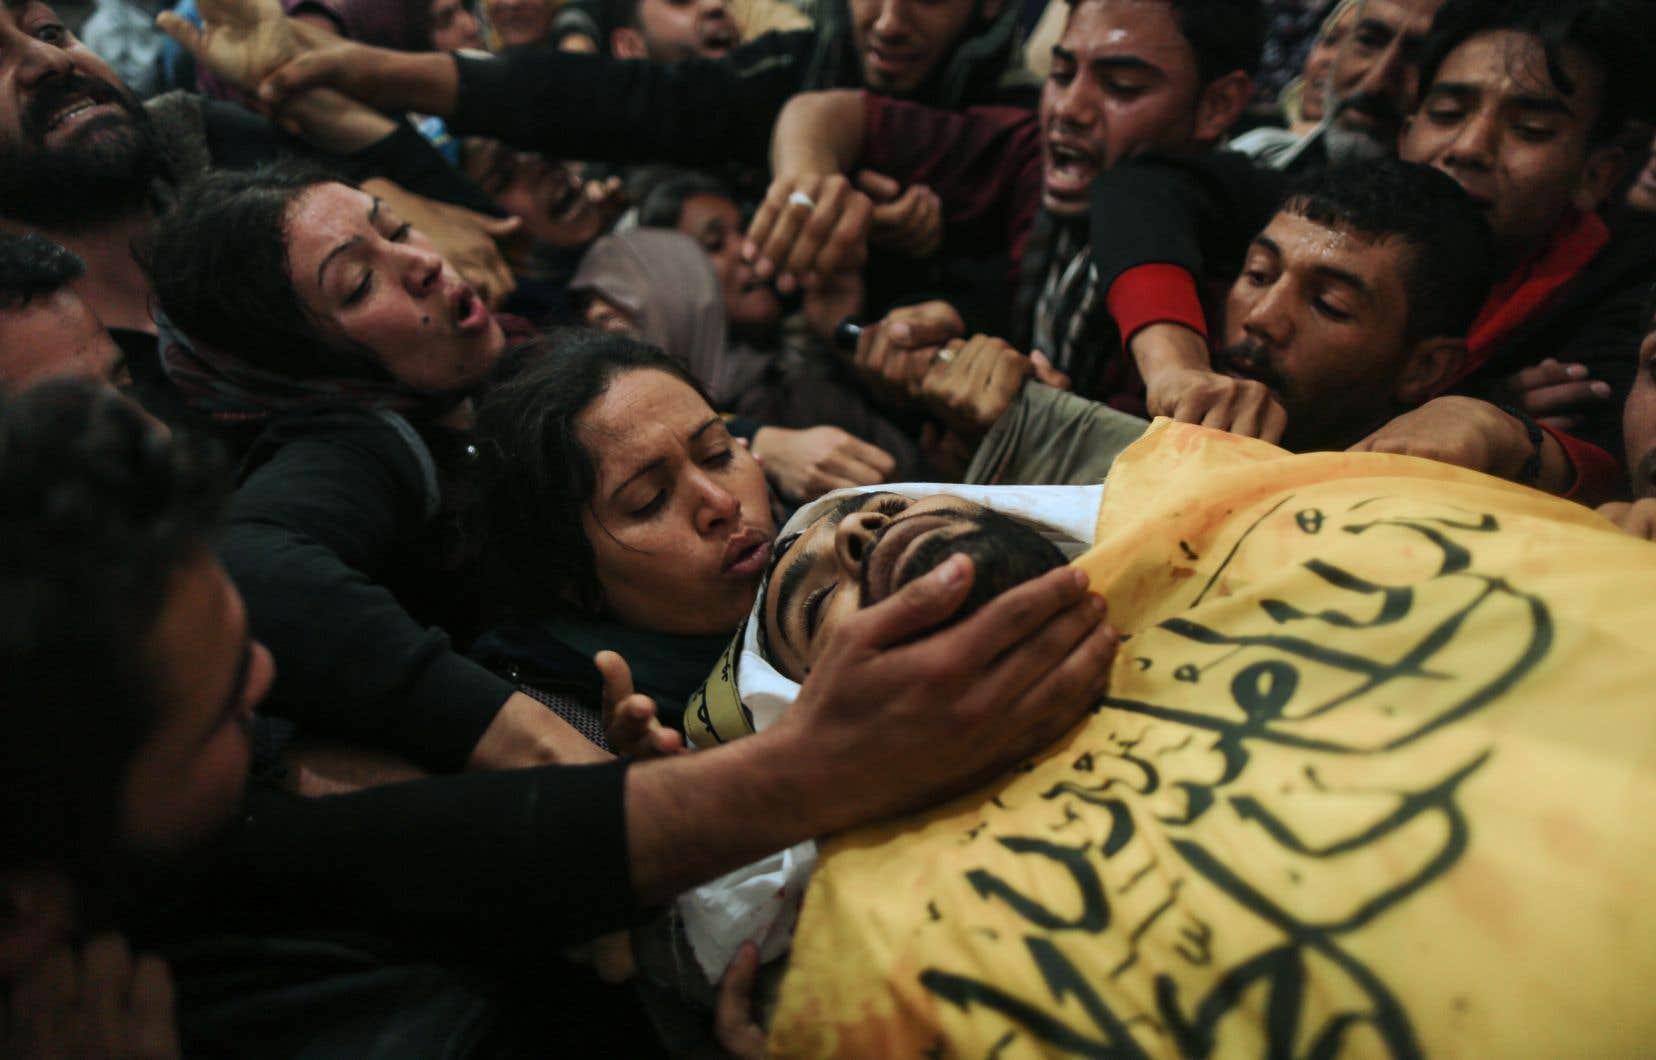 Dans plusieurs villes de la bande de Gaza, une foule compacte a accompagné les cercueils de manifestants tués la veille.